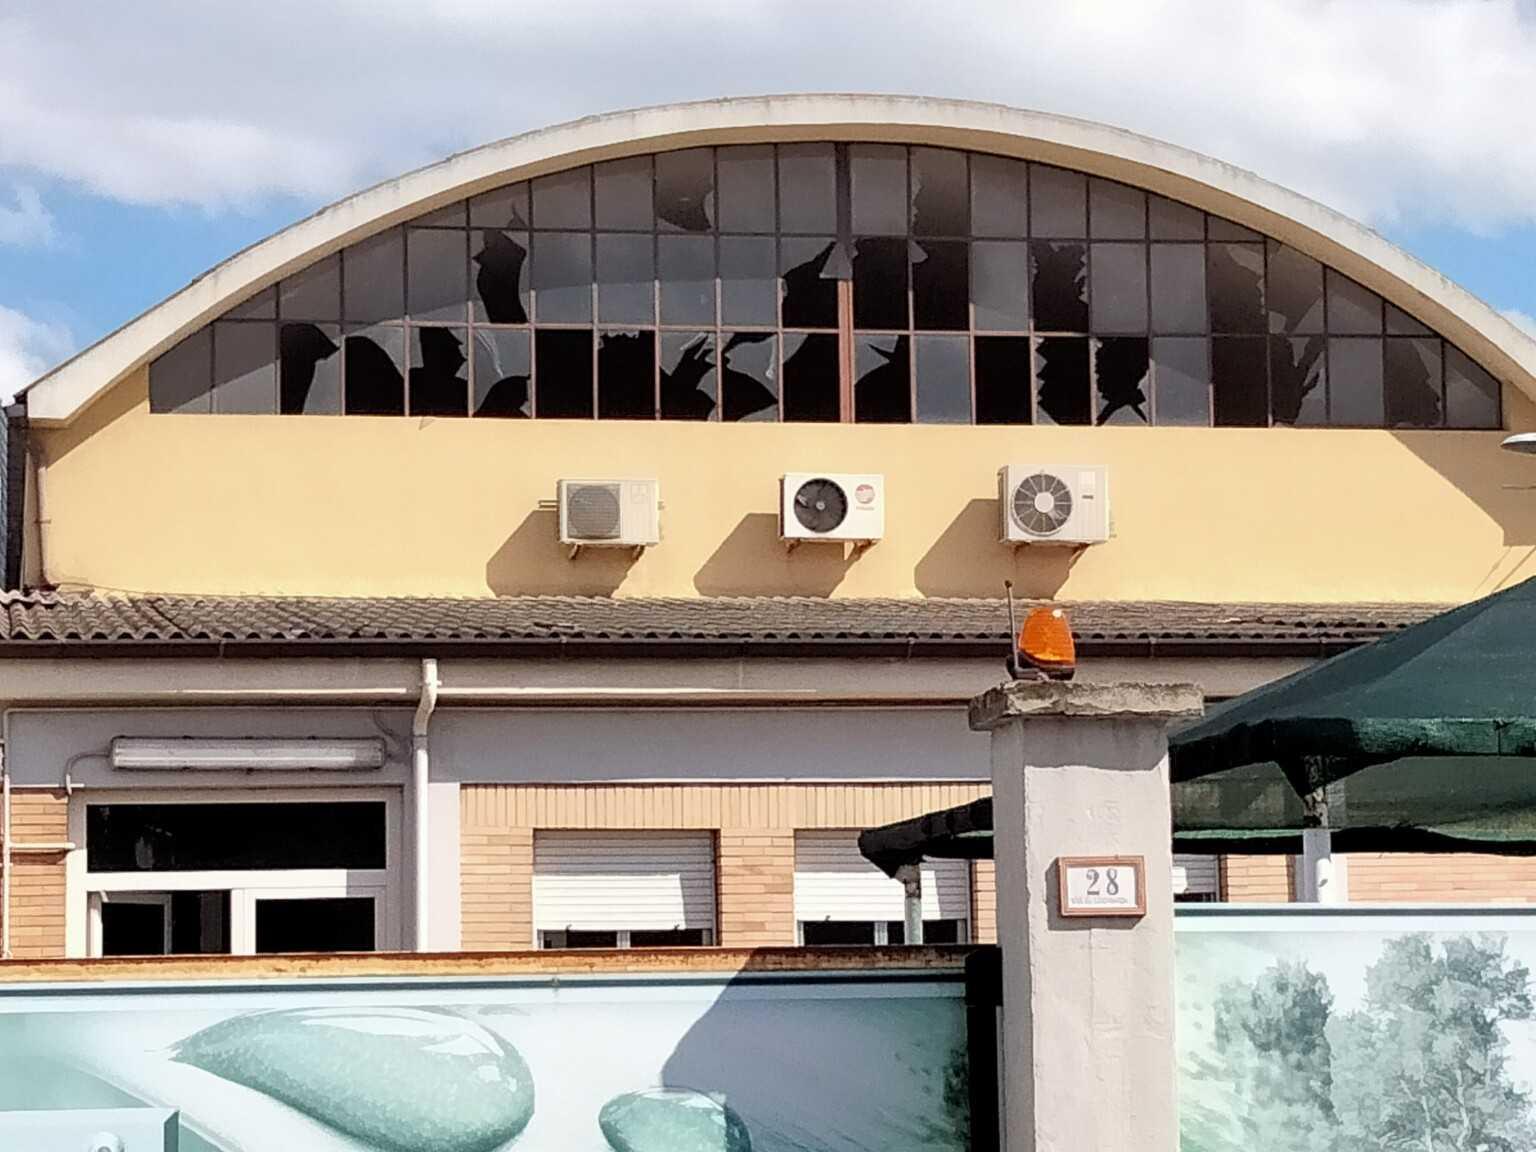 FOTO | Corropoli, esplosione alla MEC FERRO: danni strutturali all'edificio